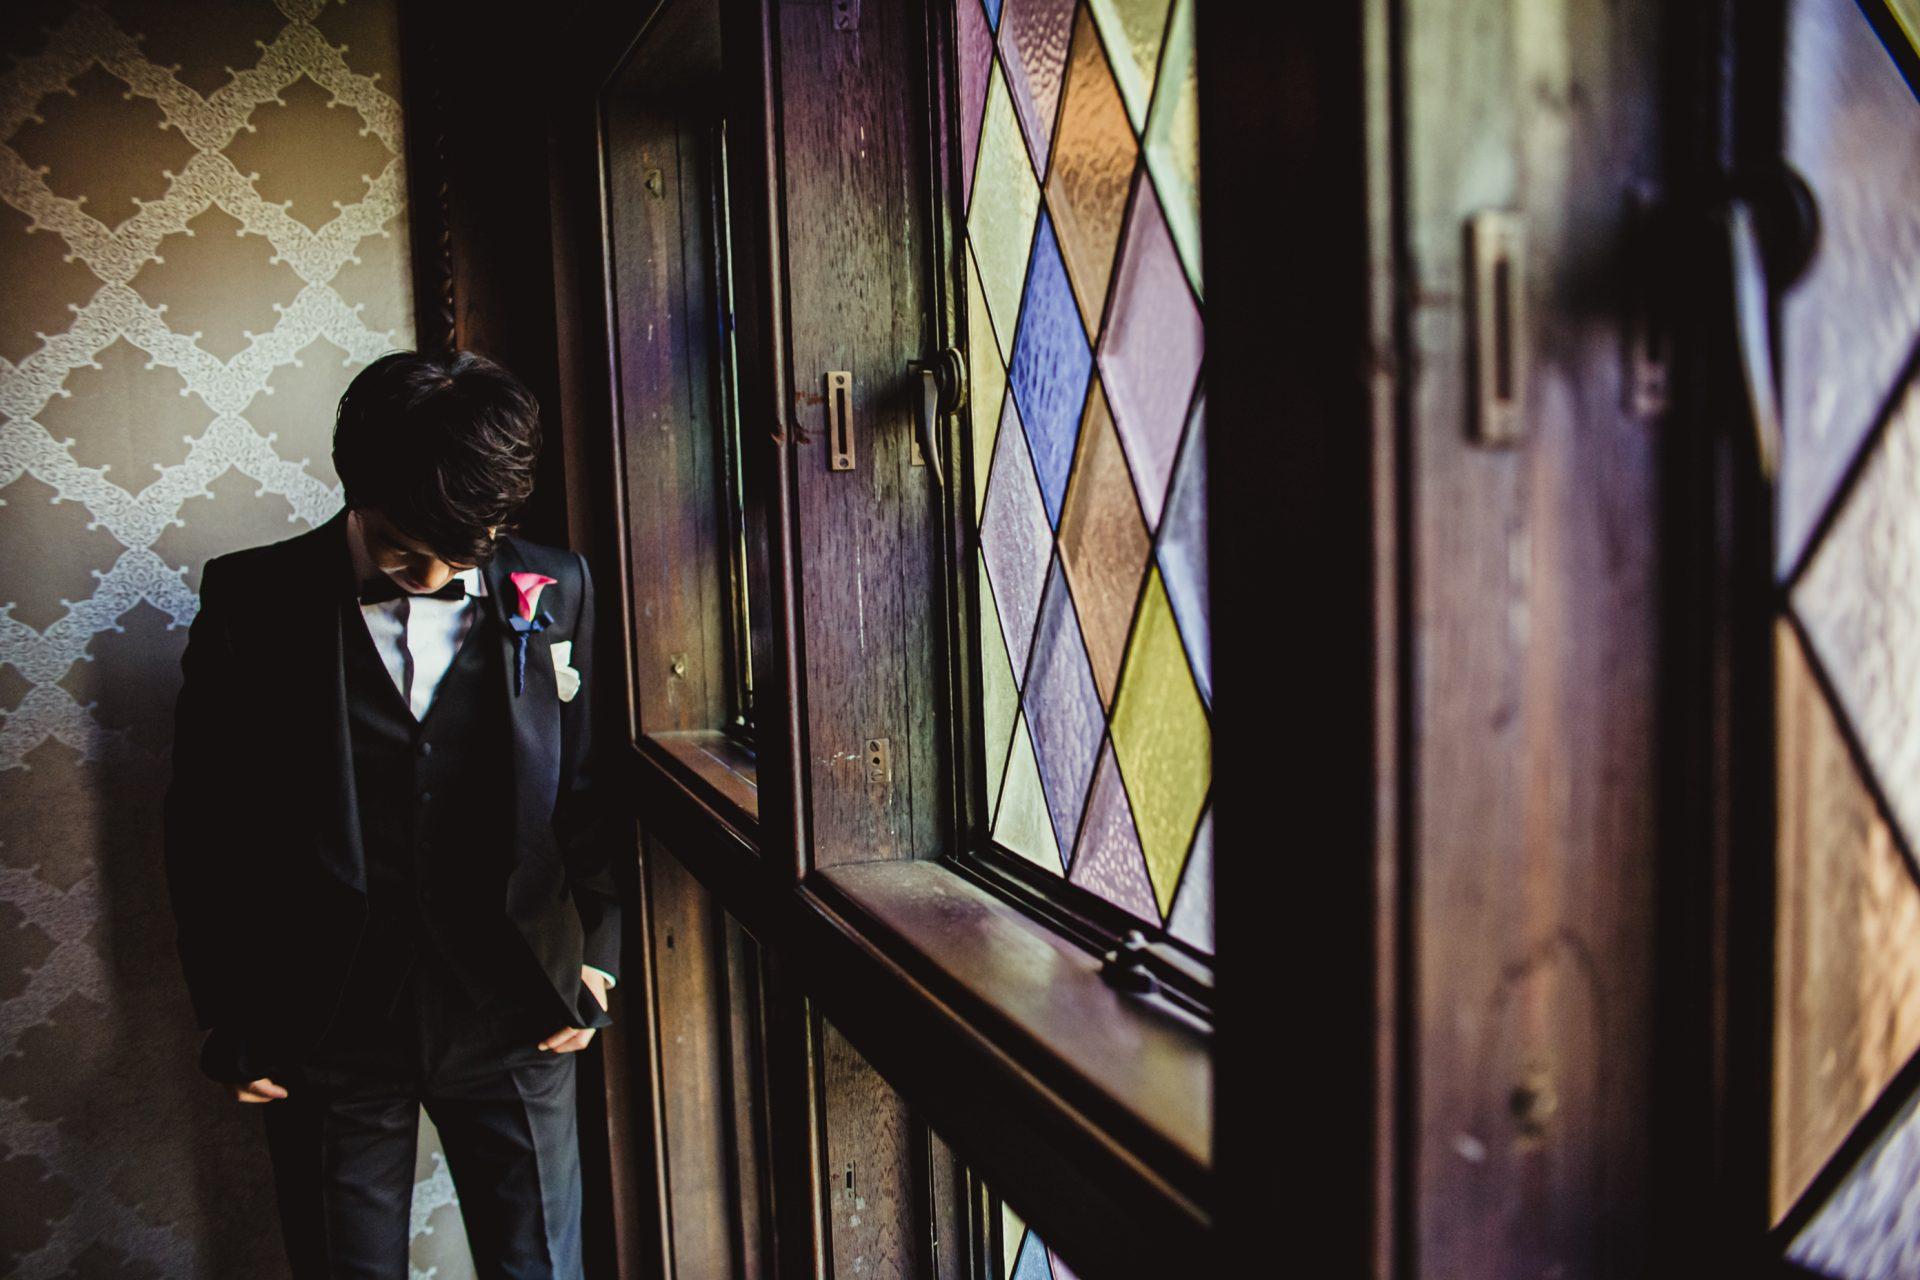 有形文化財でもある赤坂プリンスクラシックハウスの様なクラシカルな会場には、ご新郎様のタキシードも伝統的で紳士的な印象になるトリート・ジェントルマンのブラックのタキシードがおすすめです